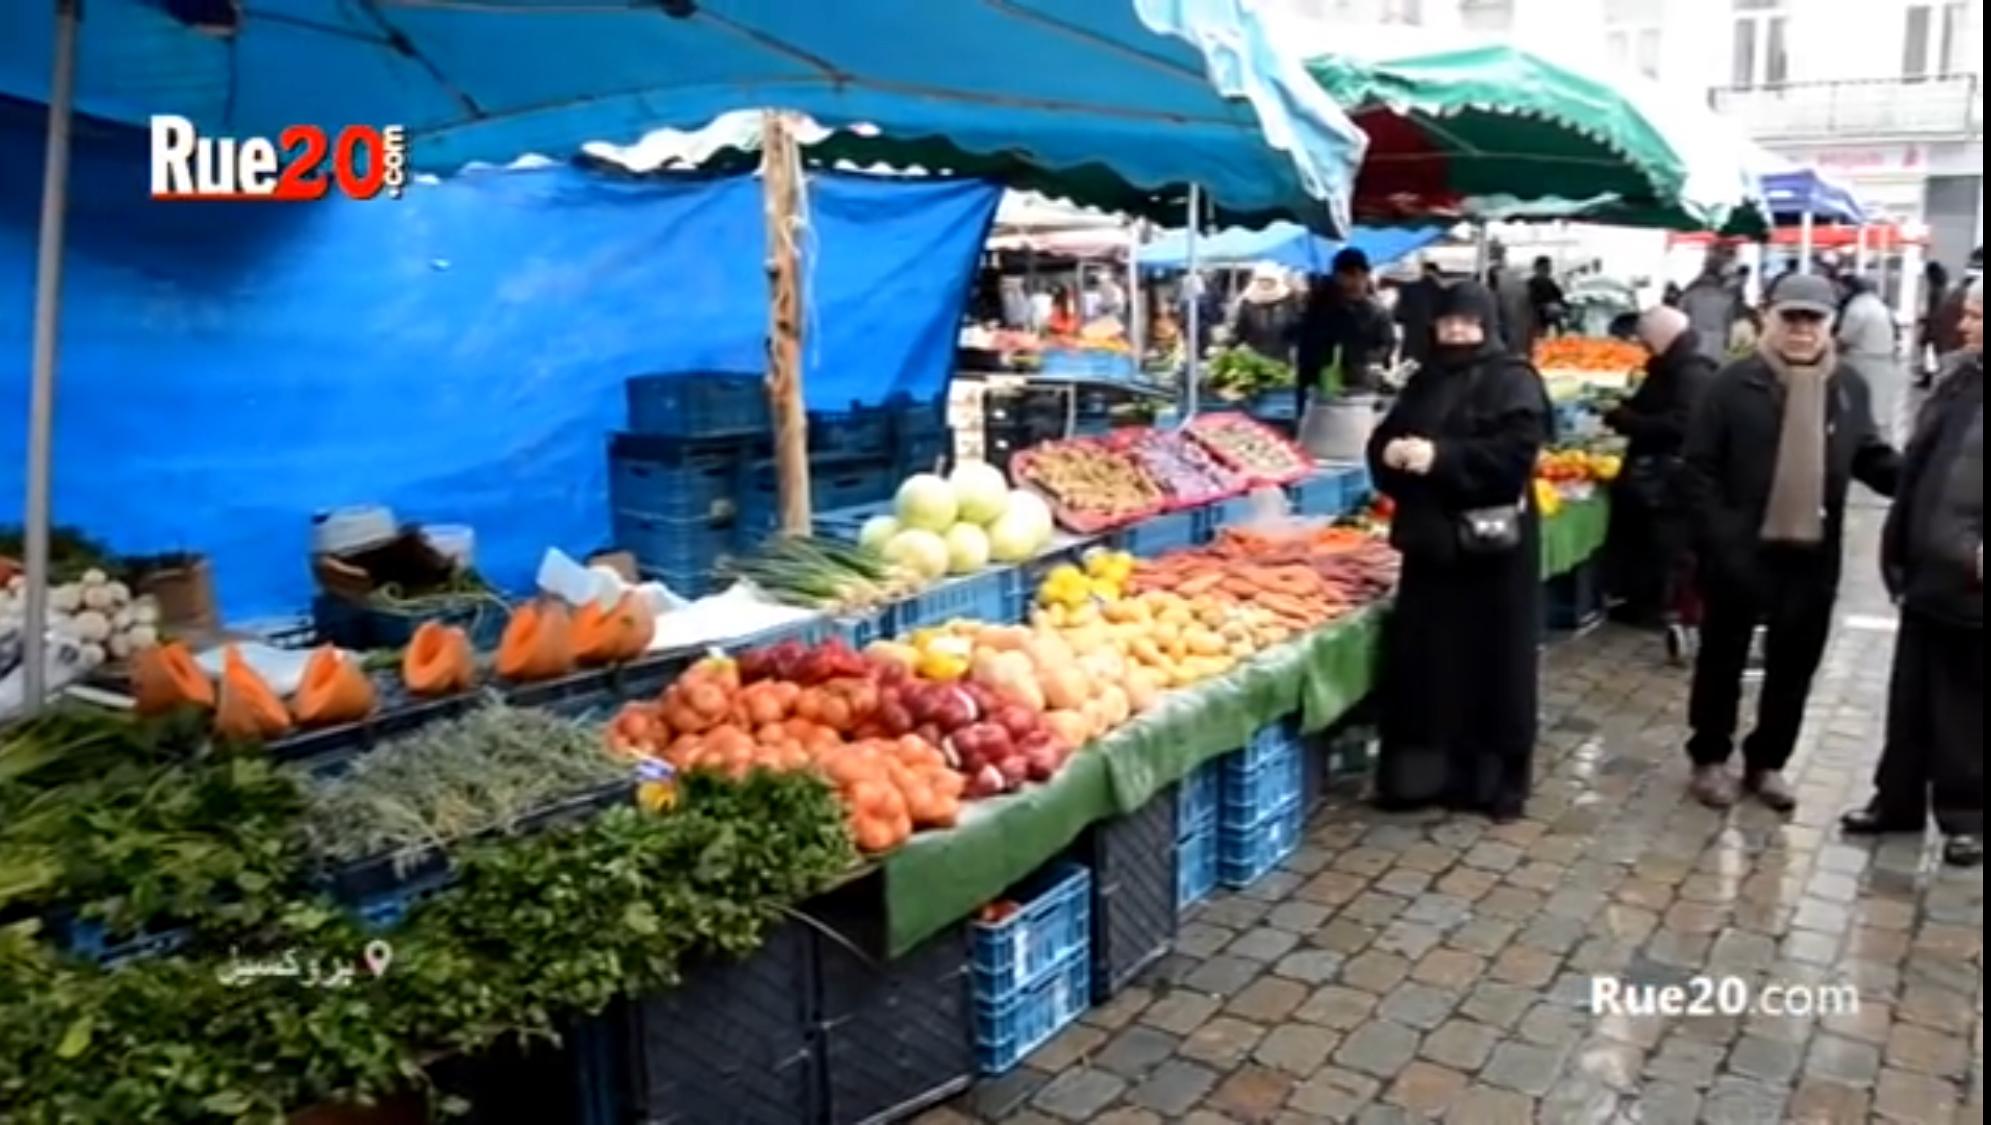 فيديو/أجواء مغربية بأسواق بروكسيل الشعبية